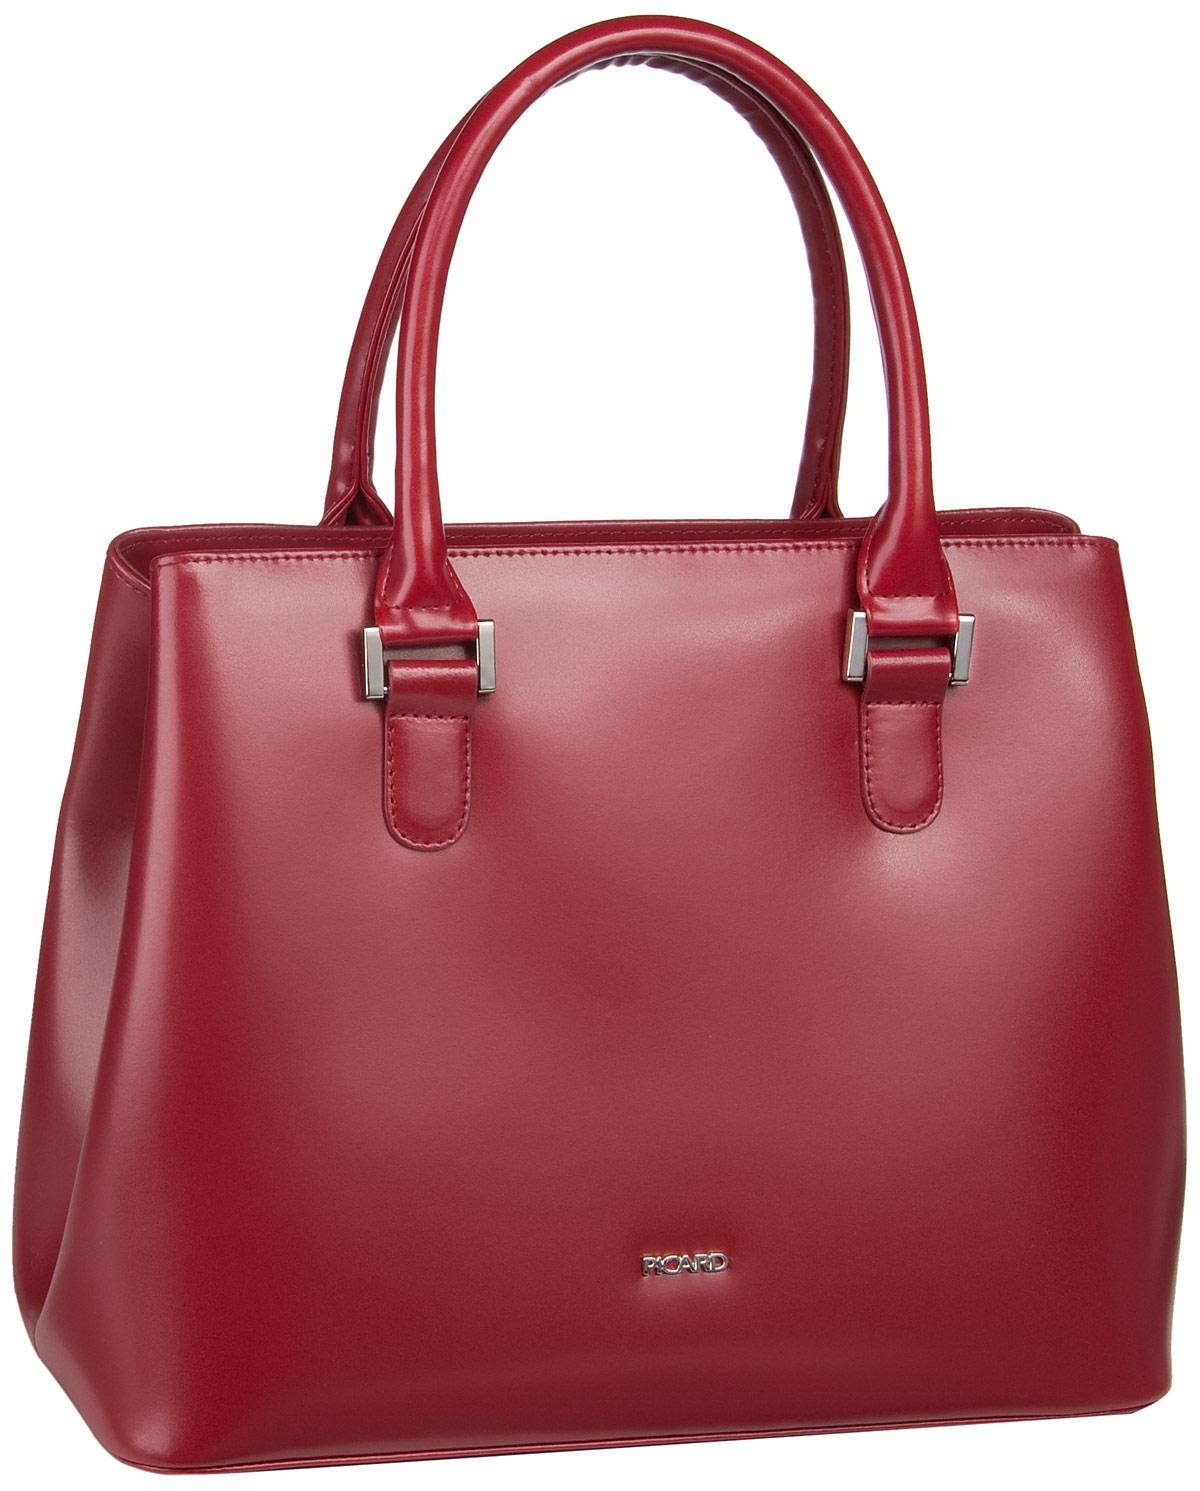 Handtasche Berlin Rot